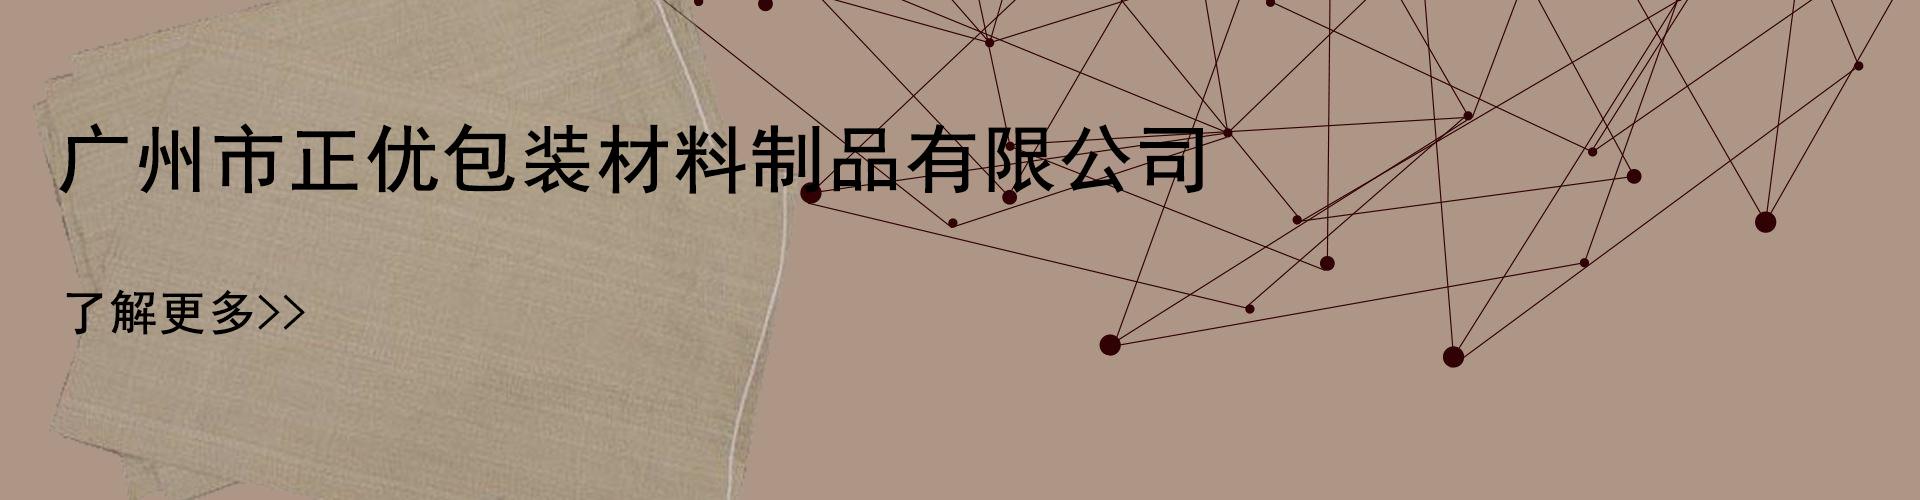 广州市正优包装材料制品有限公司